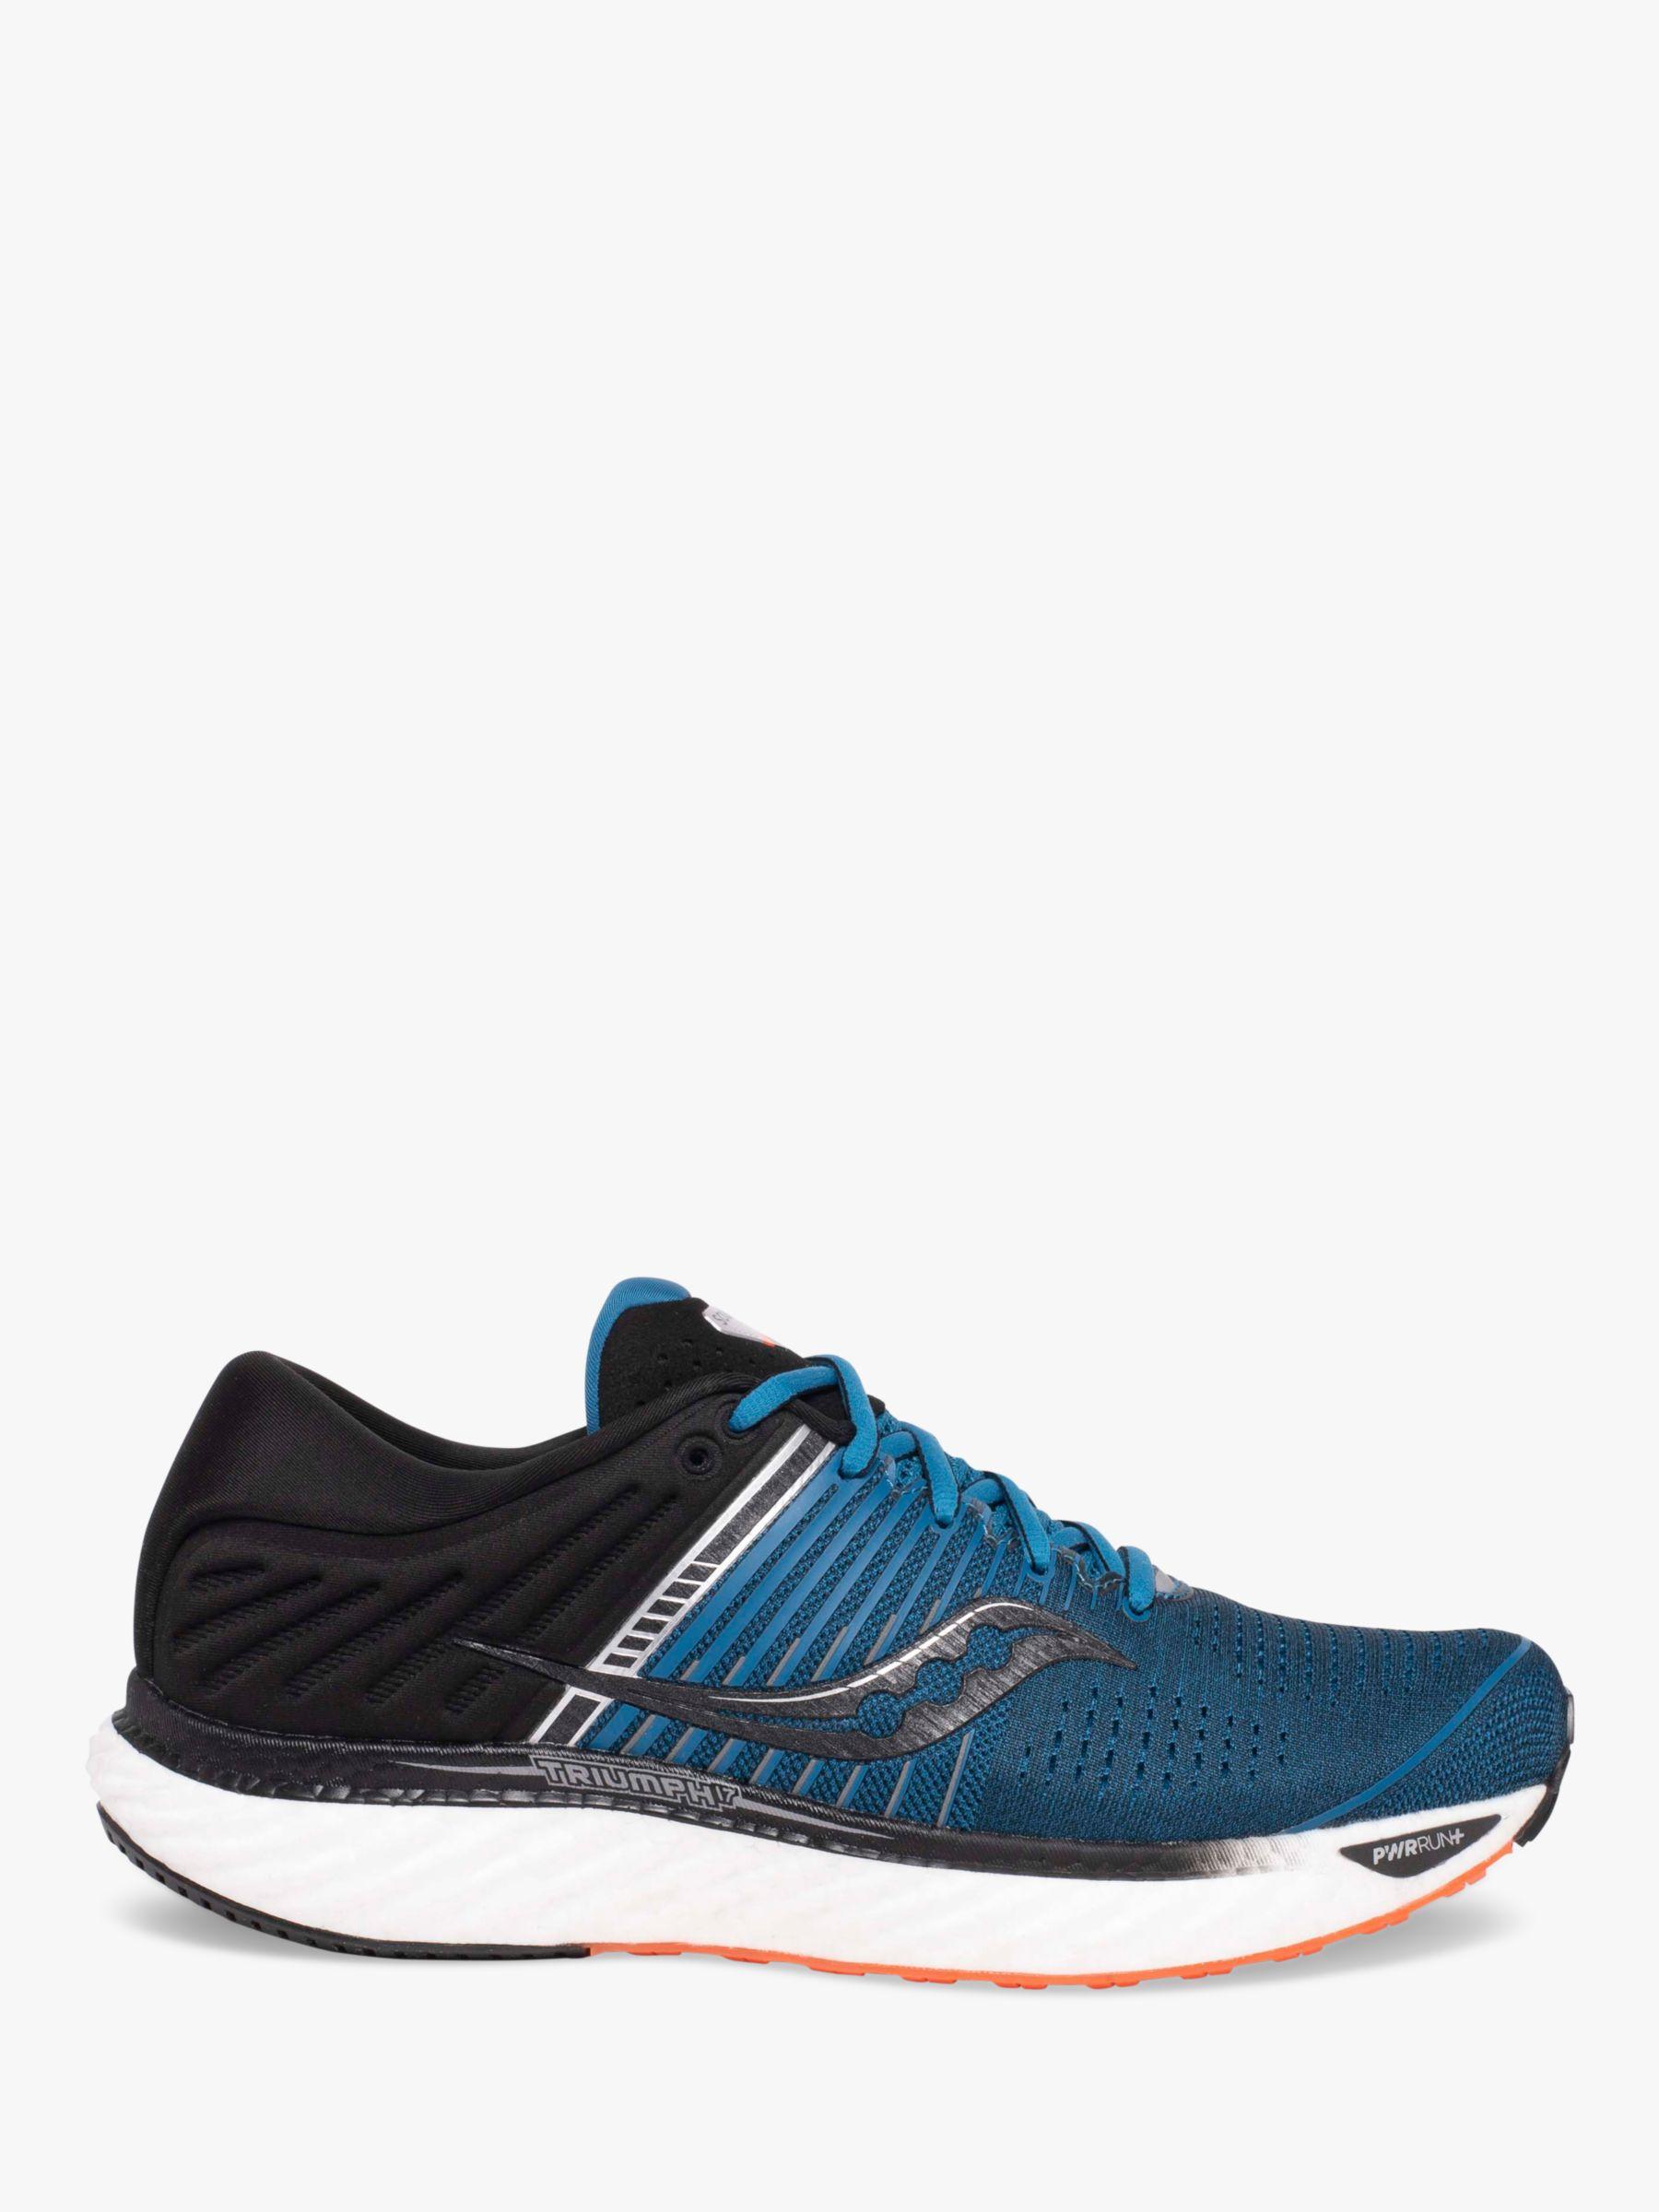 Saucony Saucony Triumph 17 Men's Running Shoes, Blue/Black